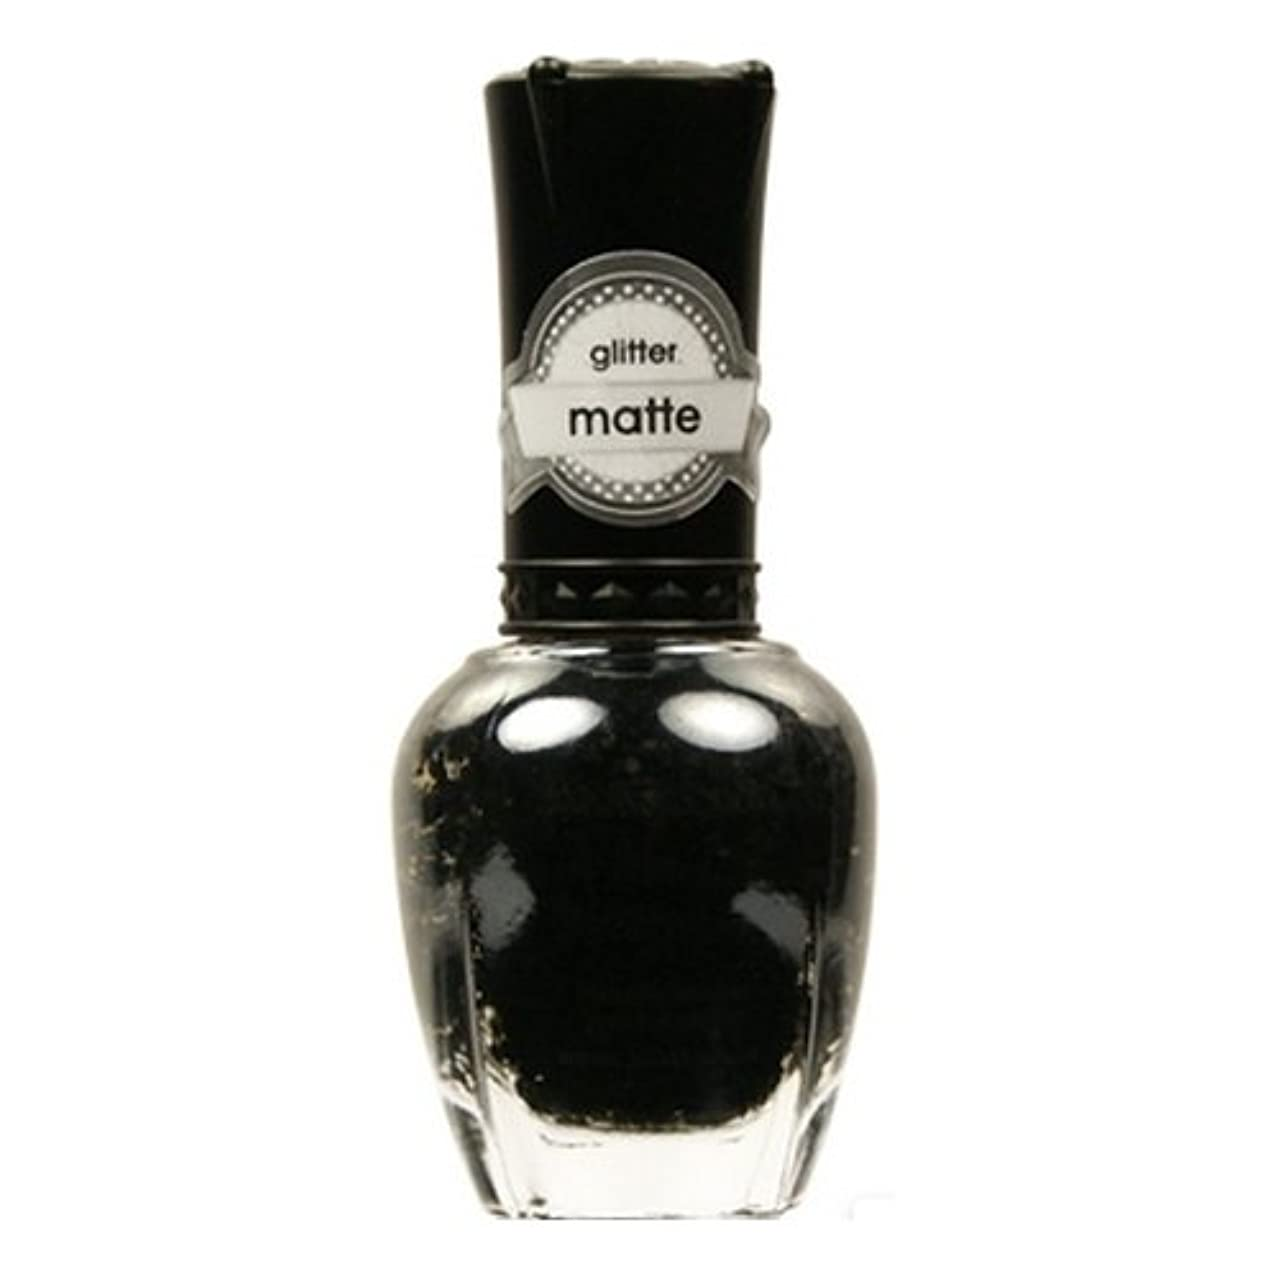 属性導入するKLEANCOLOR Glitter Matte Nail Lacquer - Beyond Time & Space (並行輸入品)